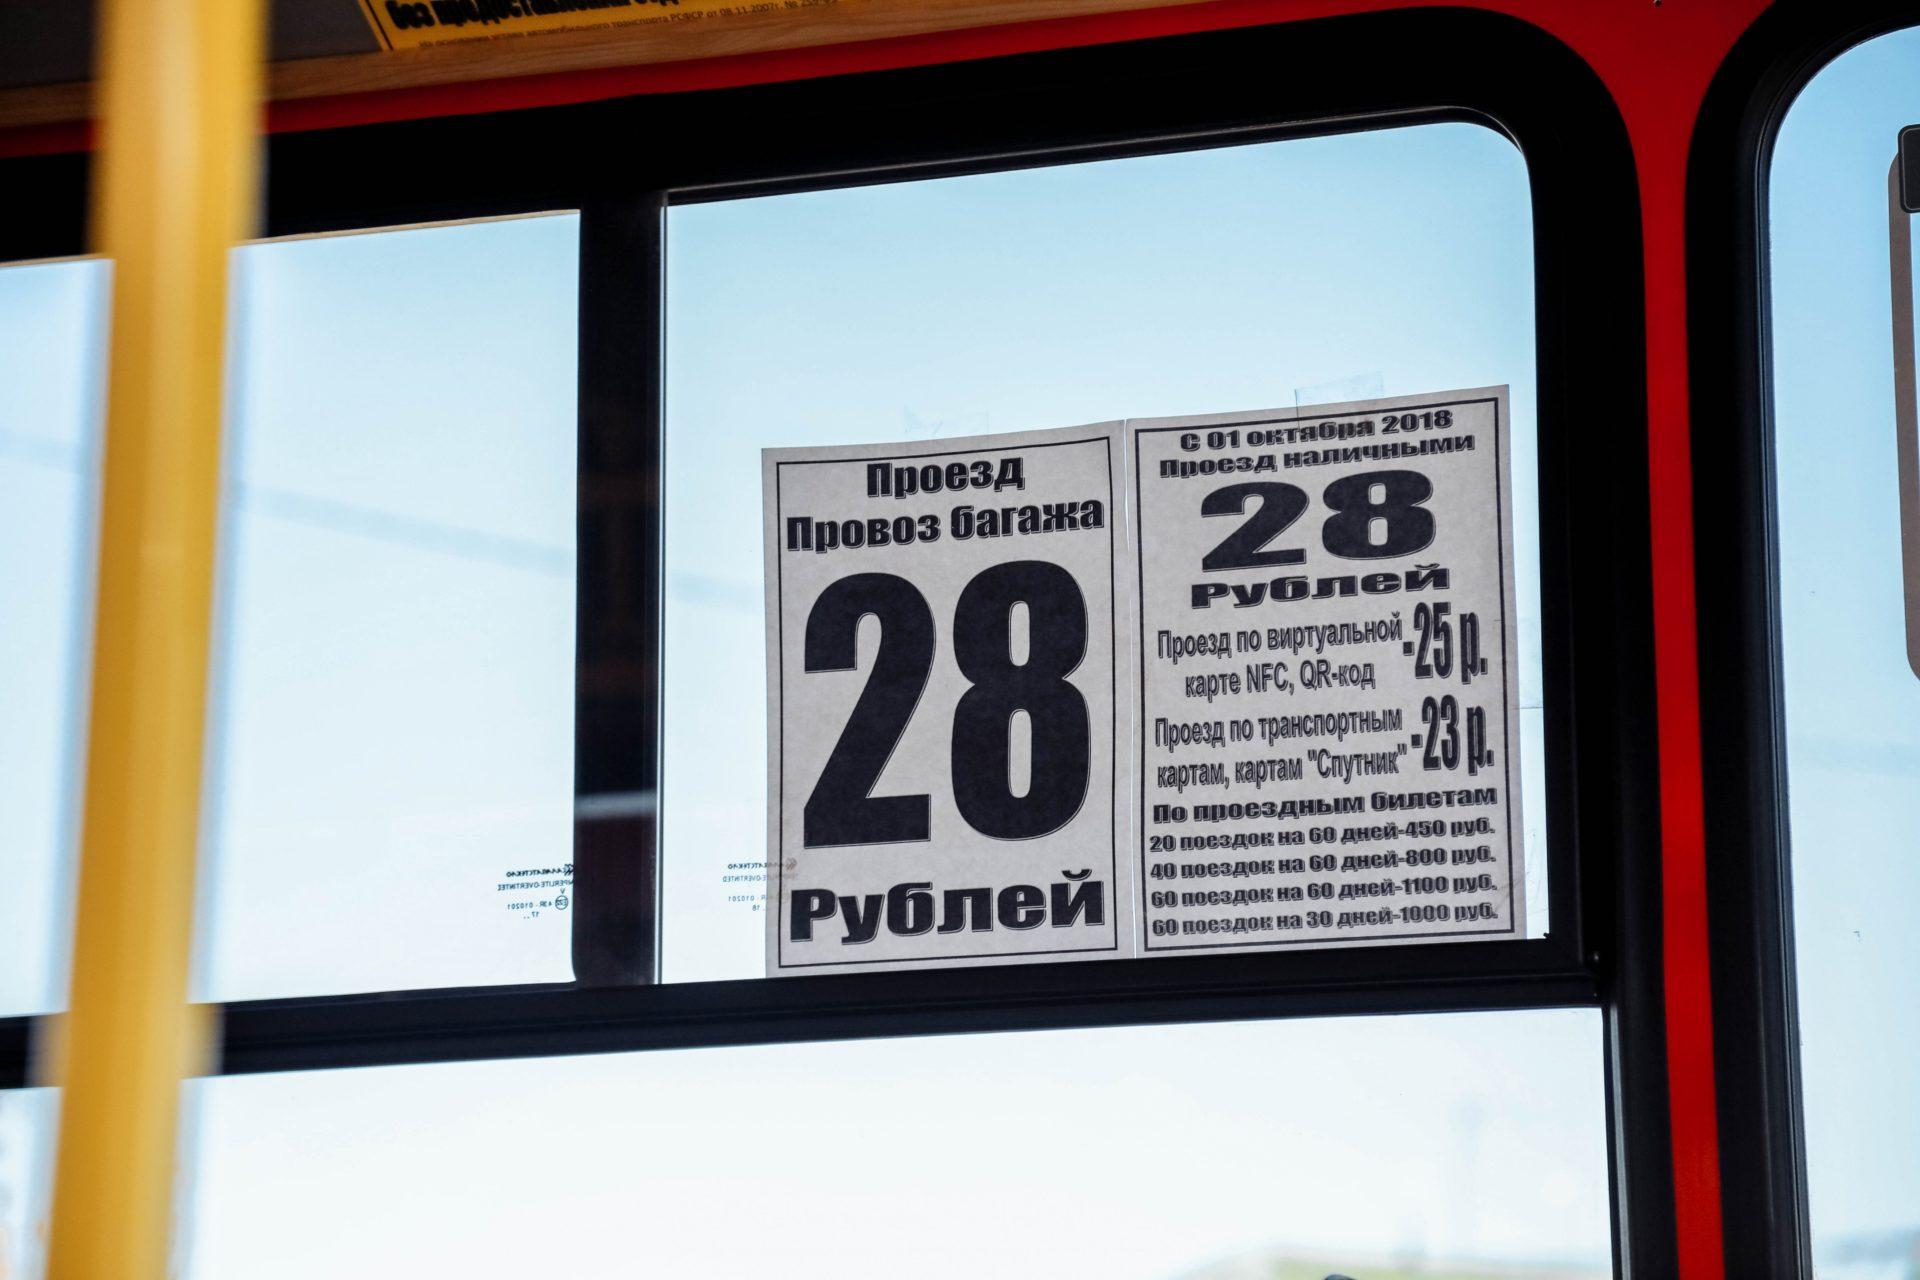 Жителям Якутска предлагается линейка выгодных тарифов при оплате проезда в автобусе за безналичный расчет